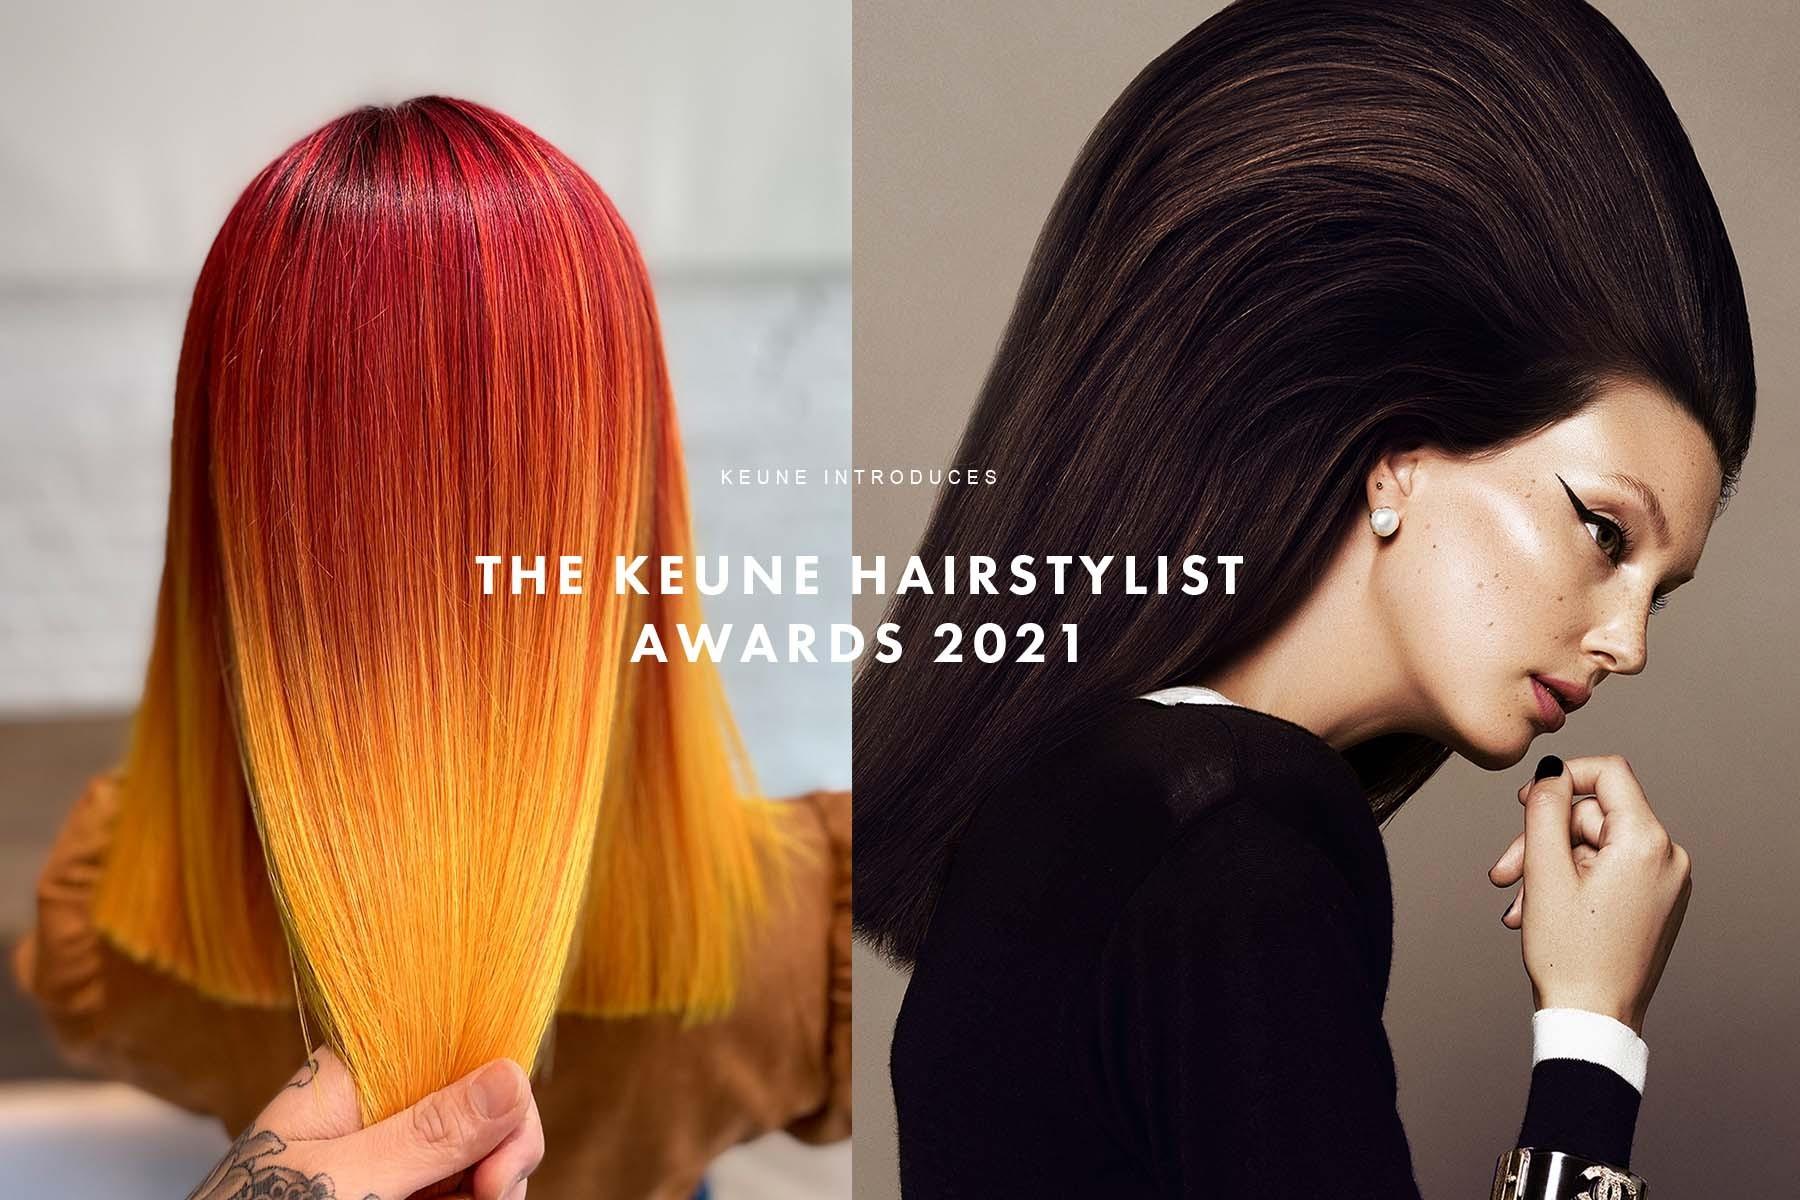 Konkurs dla stylistów Keune Hairstylist Awards 2021